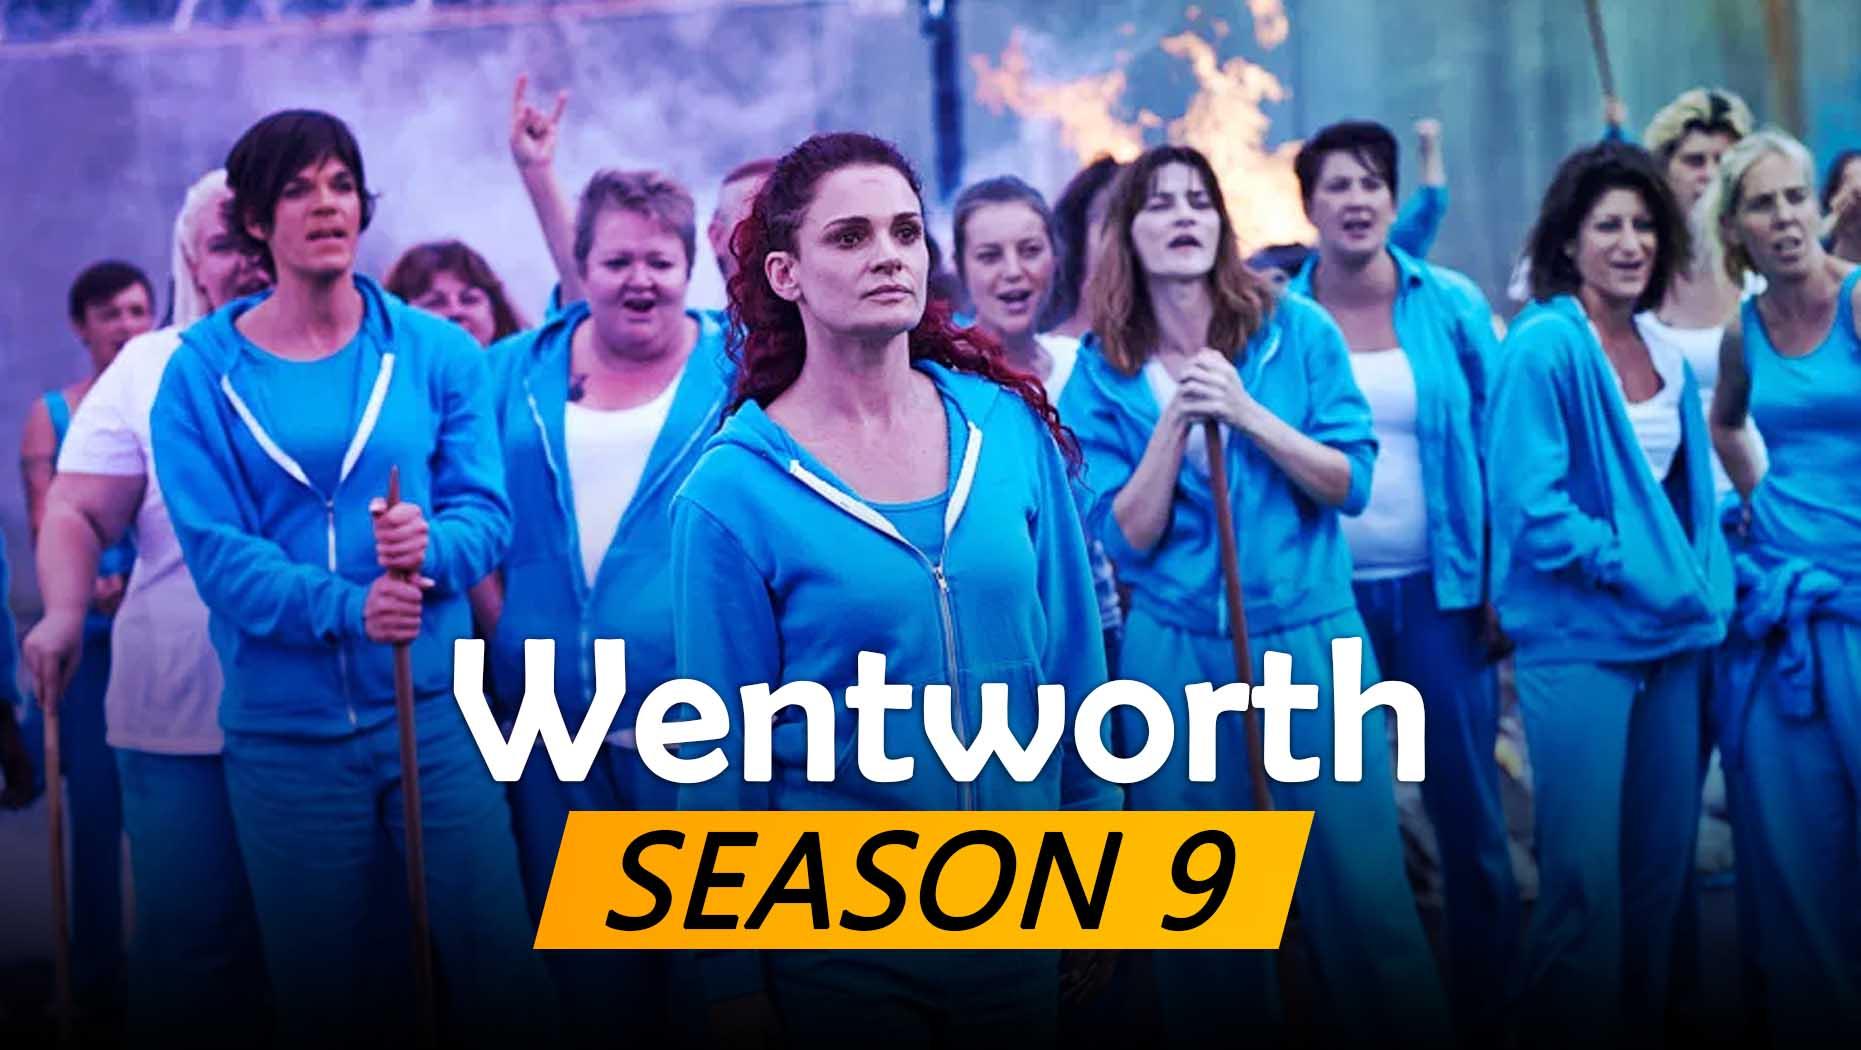 Wentworth Season 9 Episode 3